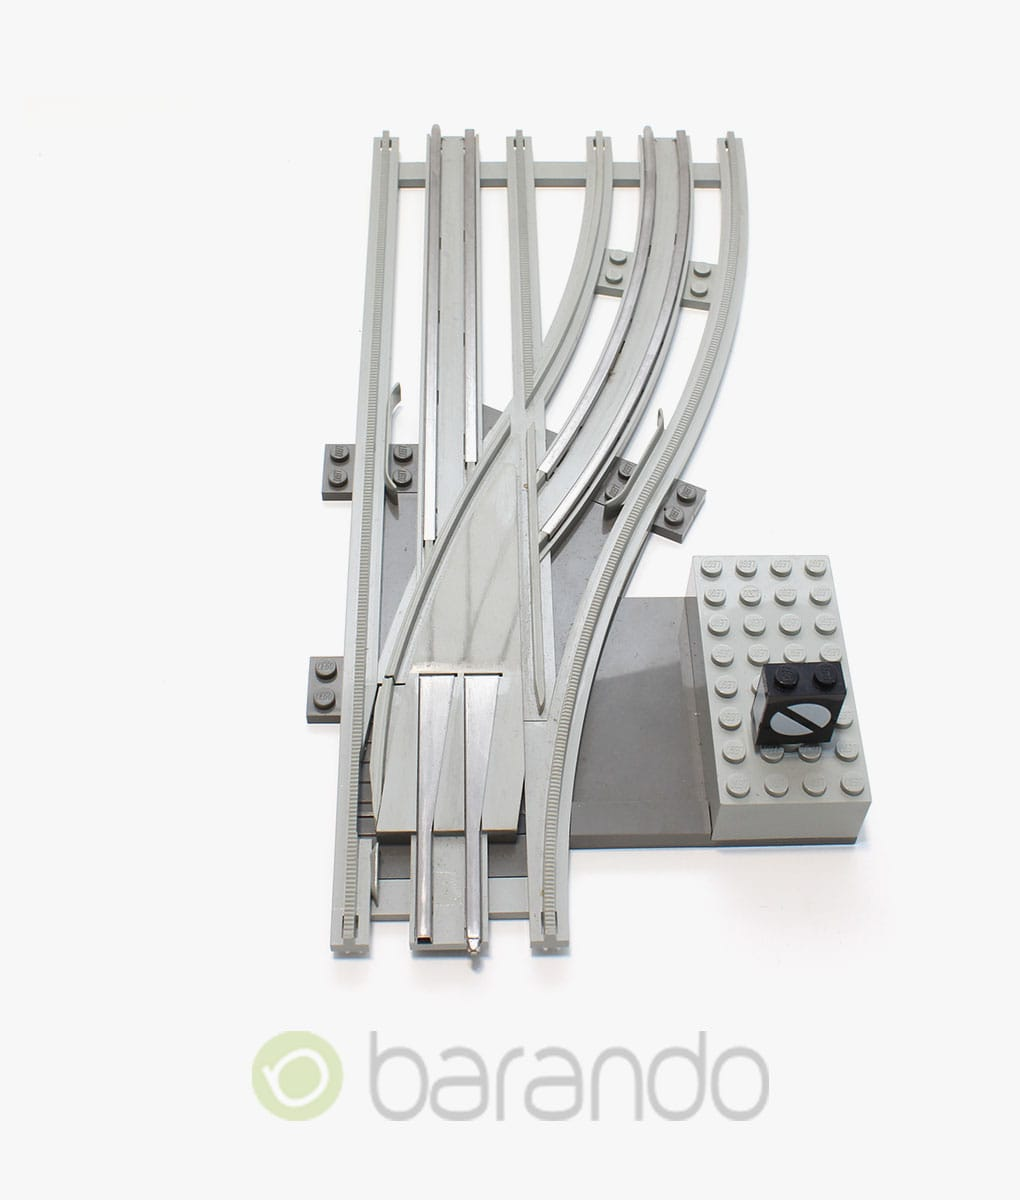 LEGO® 10x Schweller Schwellen 12V Eisenbahn Schienen Zug Alt-Dunkelgrau 4166